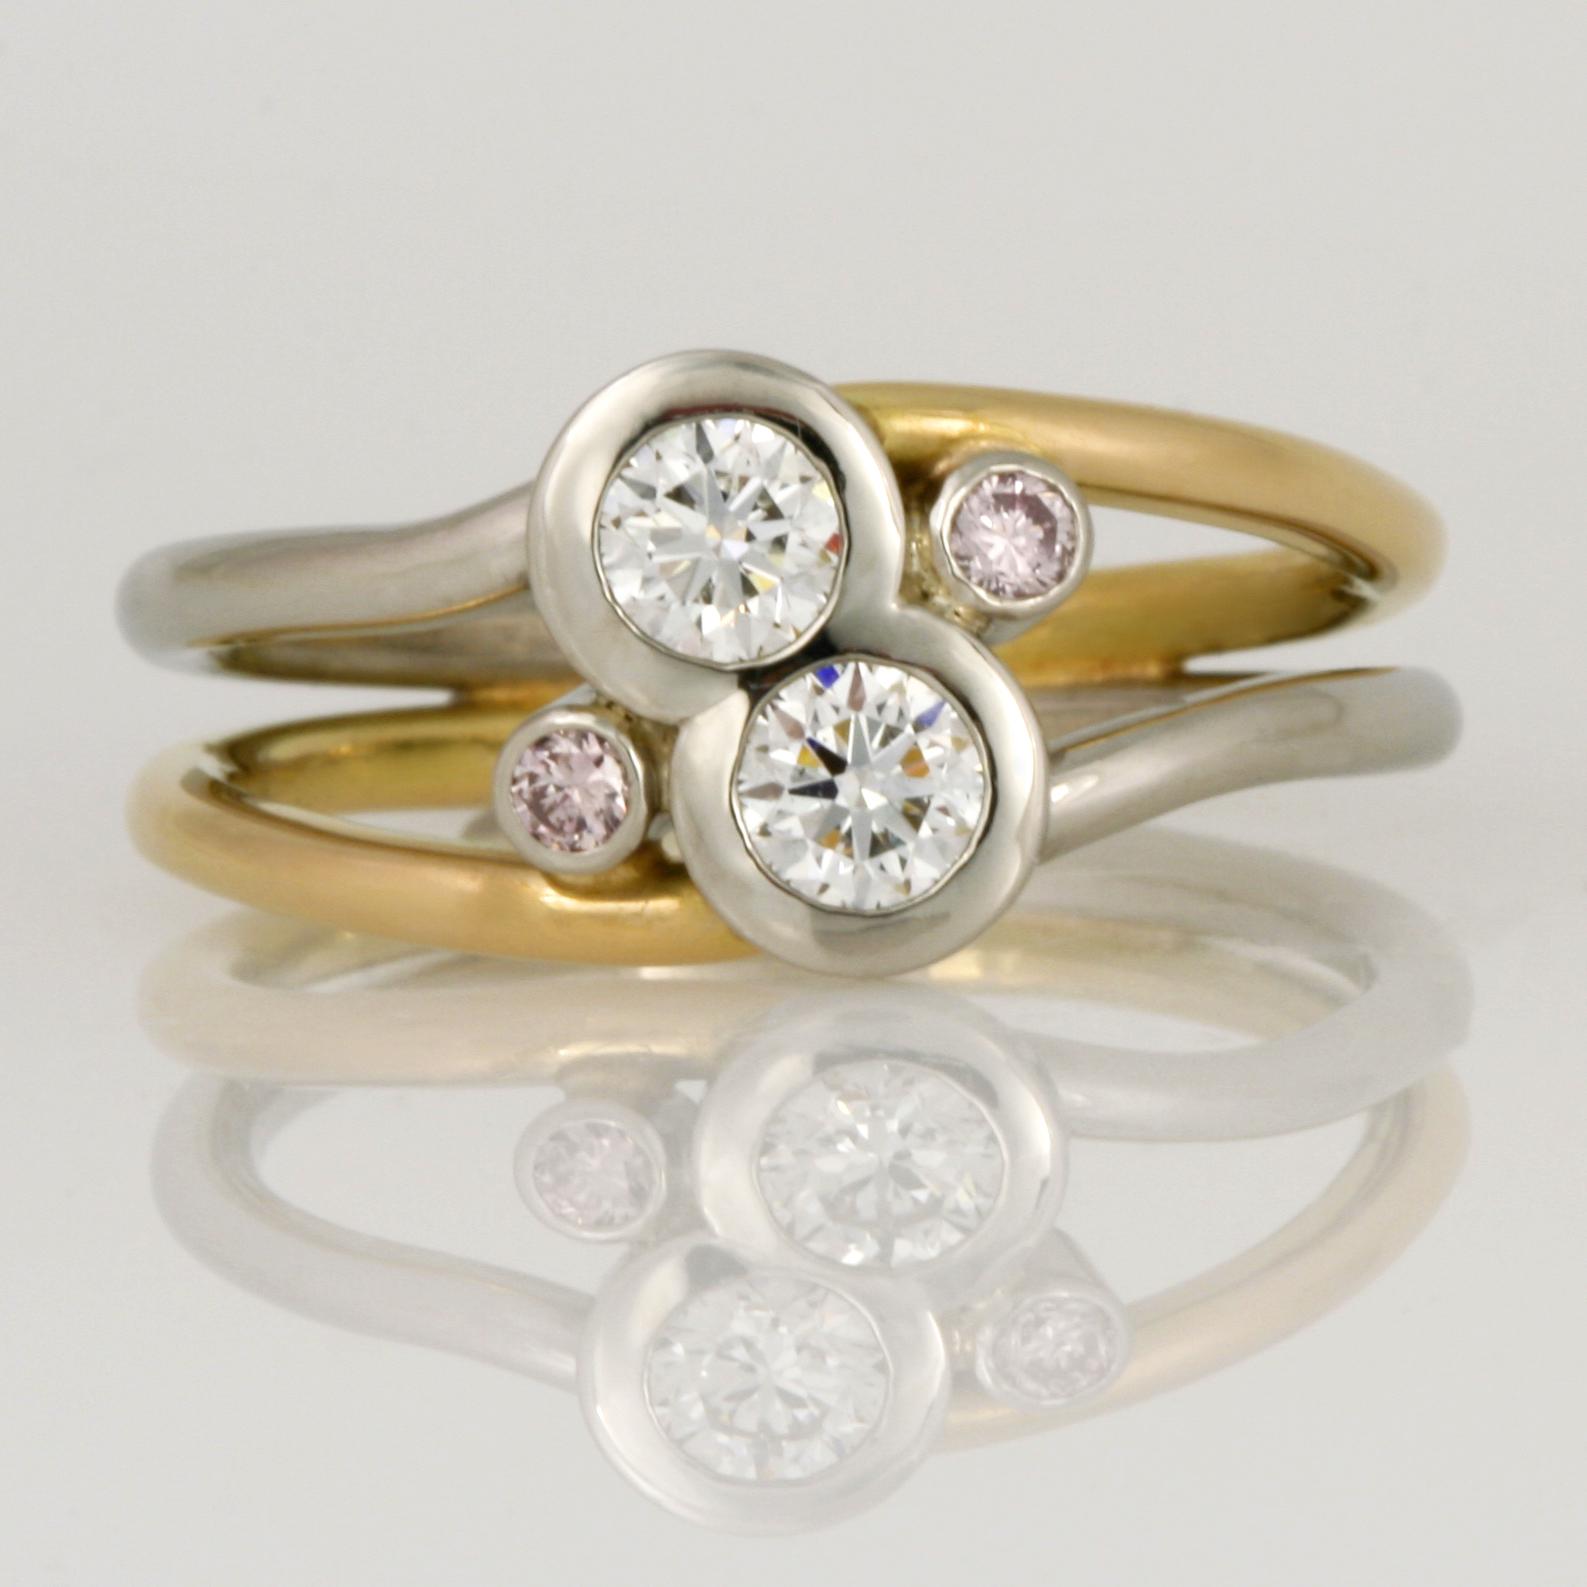 Handmade ladies palladium and 18ct yellow gold ring featuring 2 round white diamonds and two round pink diamonds